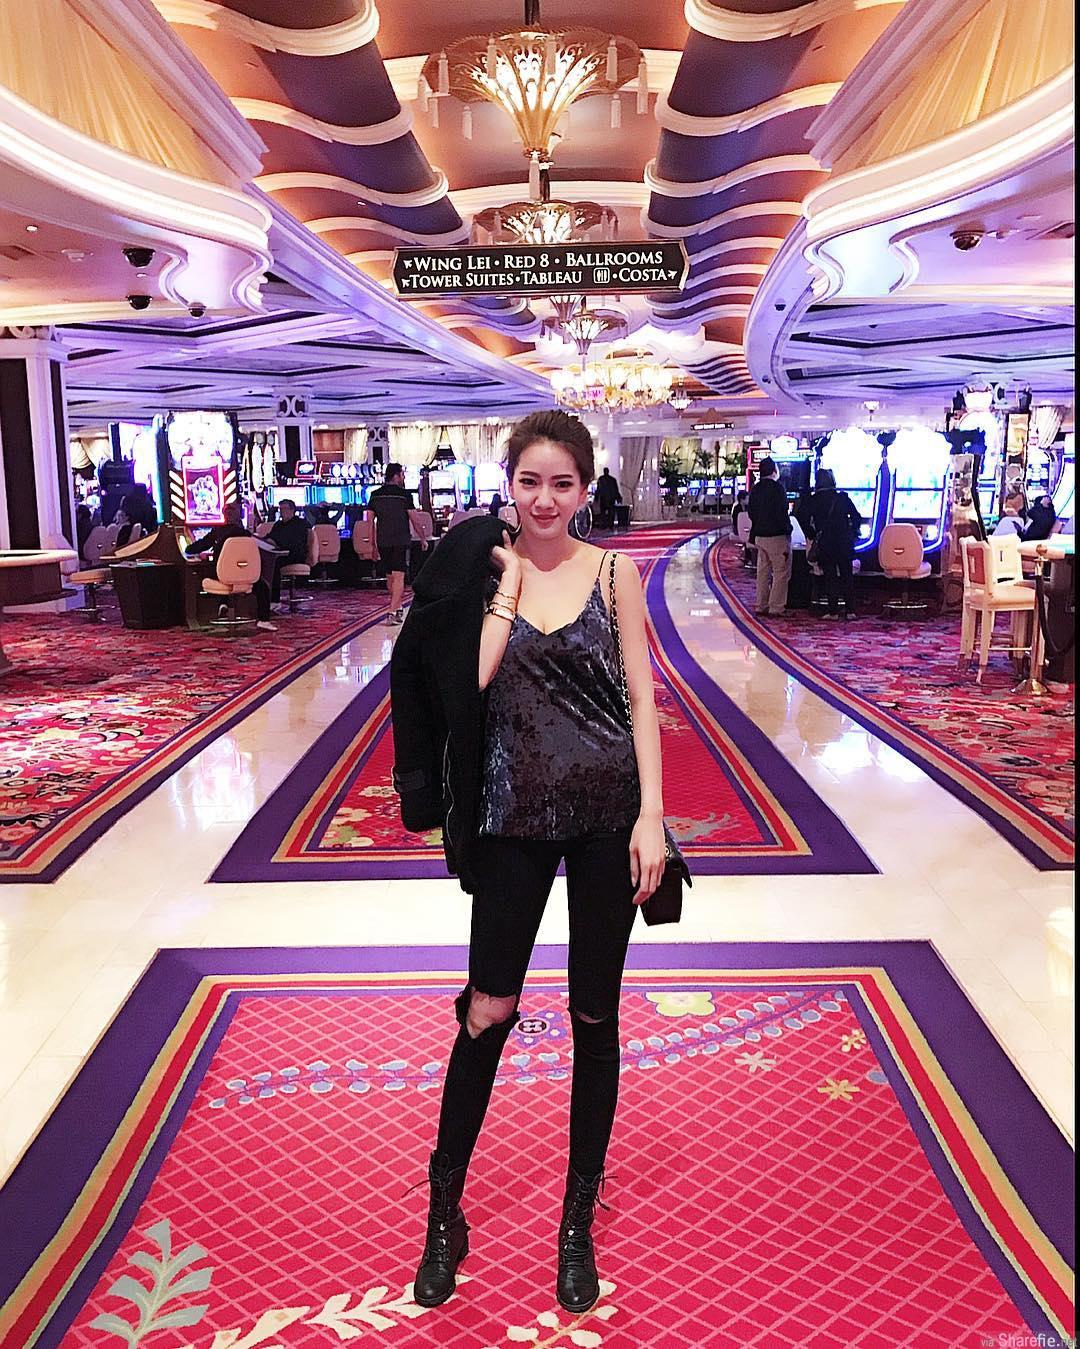 台湾长腿空姐 Michelle ,穿上低胸吊带到美国赌城夜店,结果遇到...